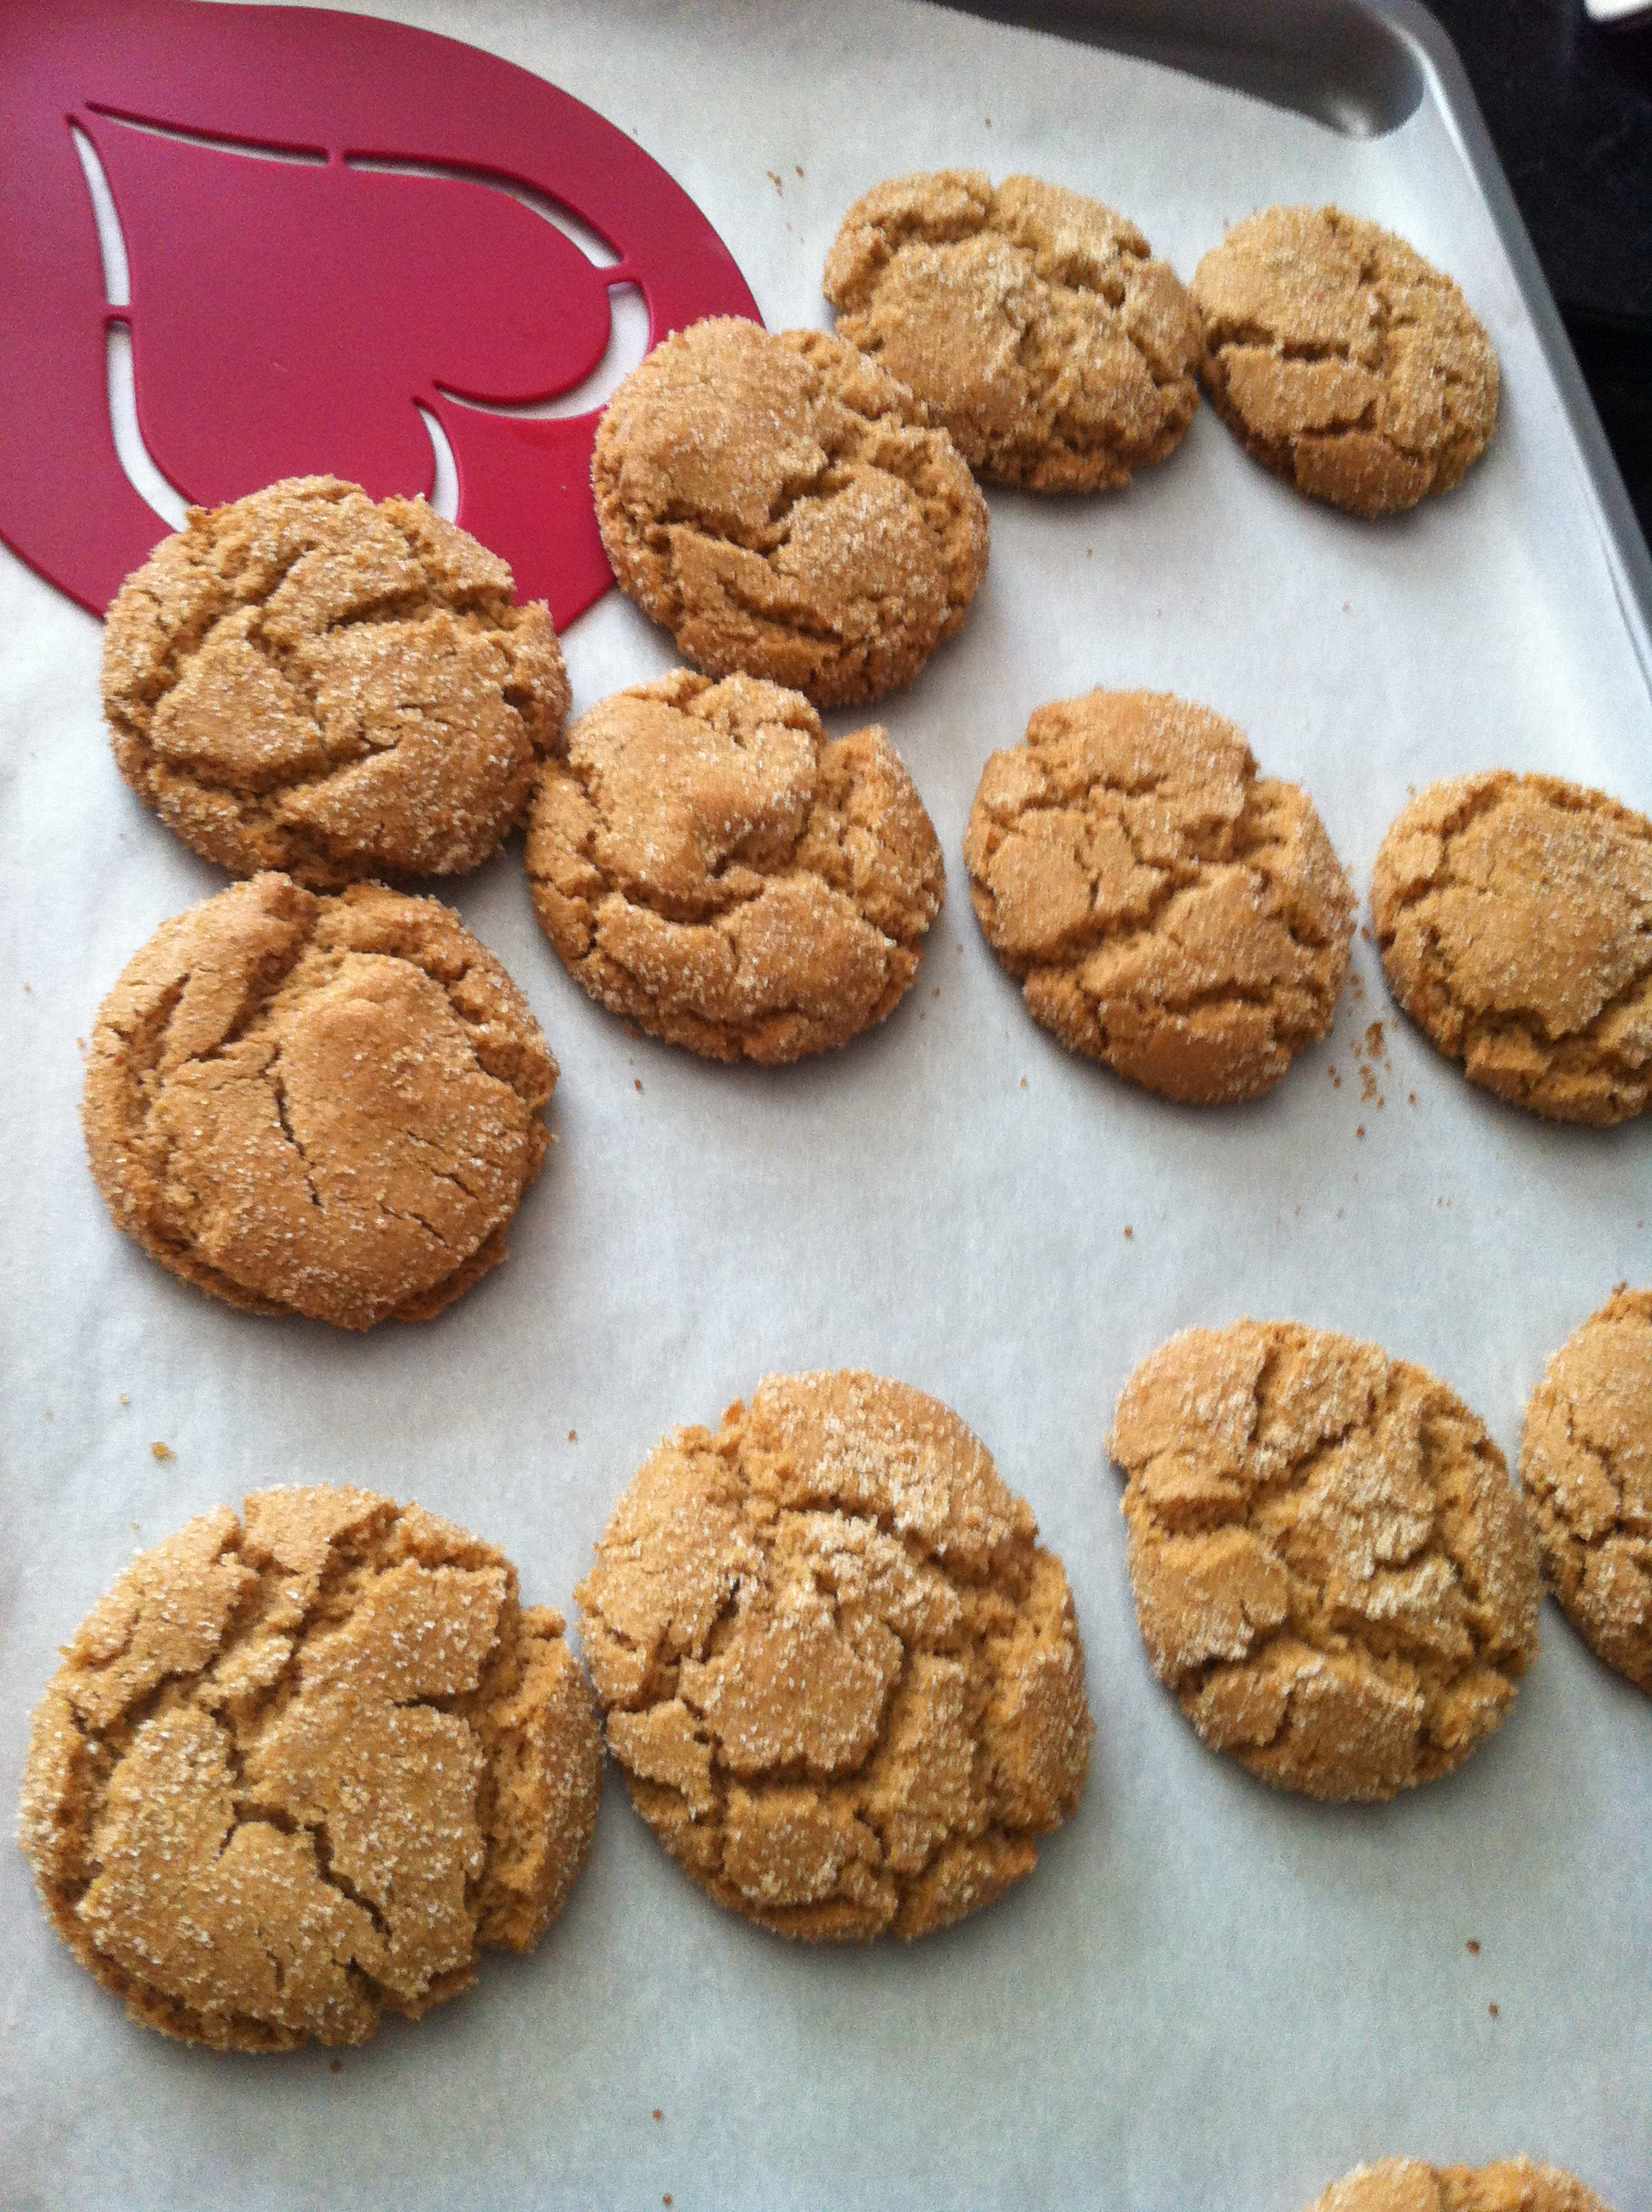 Brown Sugar Crinkle Cookies | The Pink Gourmet